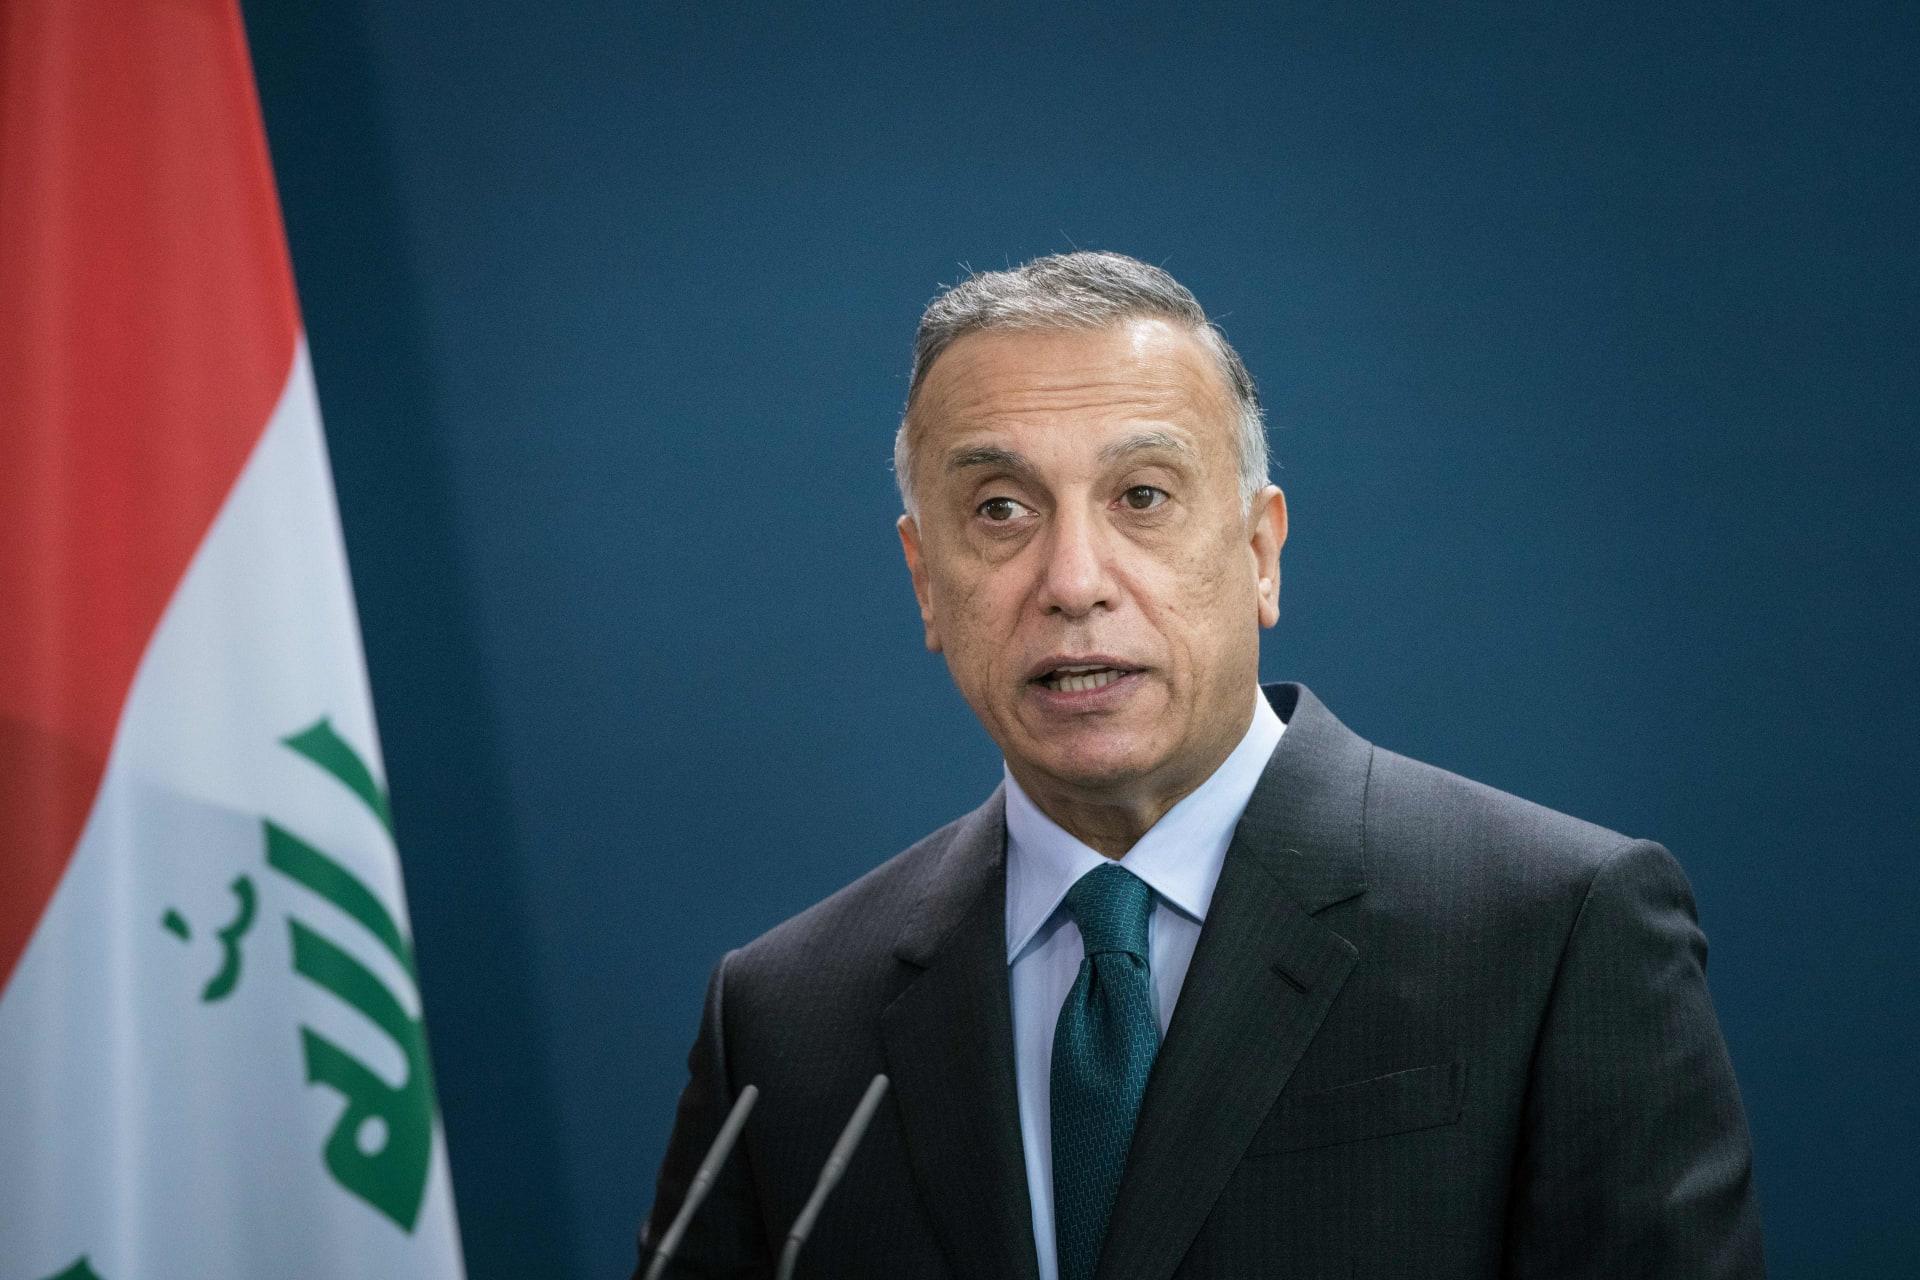 العراق يخفض عملته لـ1460 ديناراً لكل دولار.. والكاظمي: إما انهيار النظام أو الفوضى